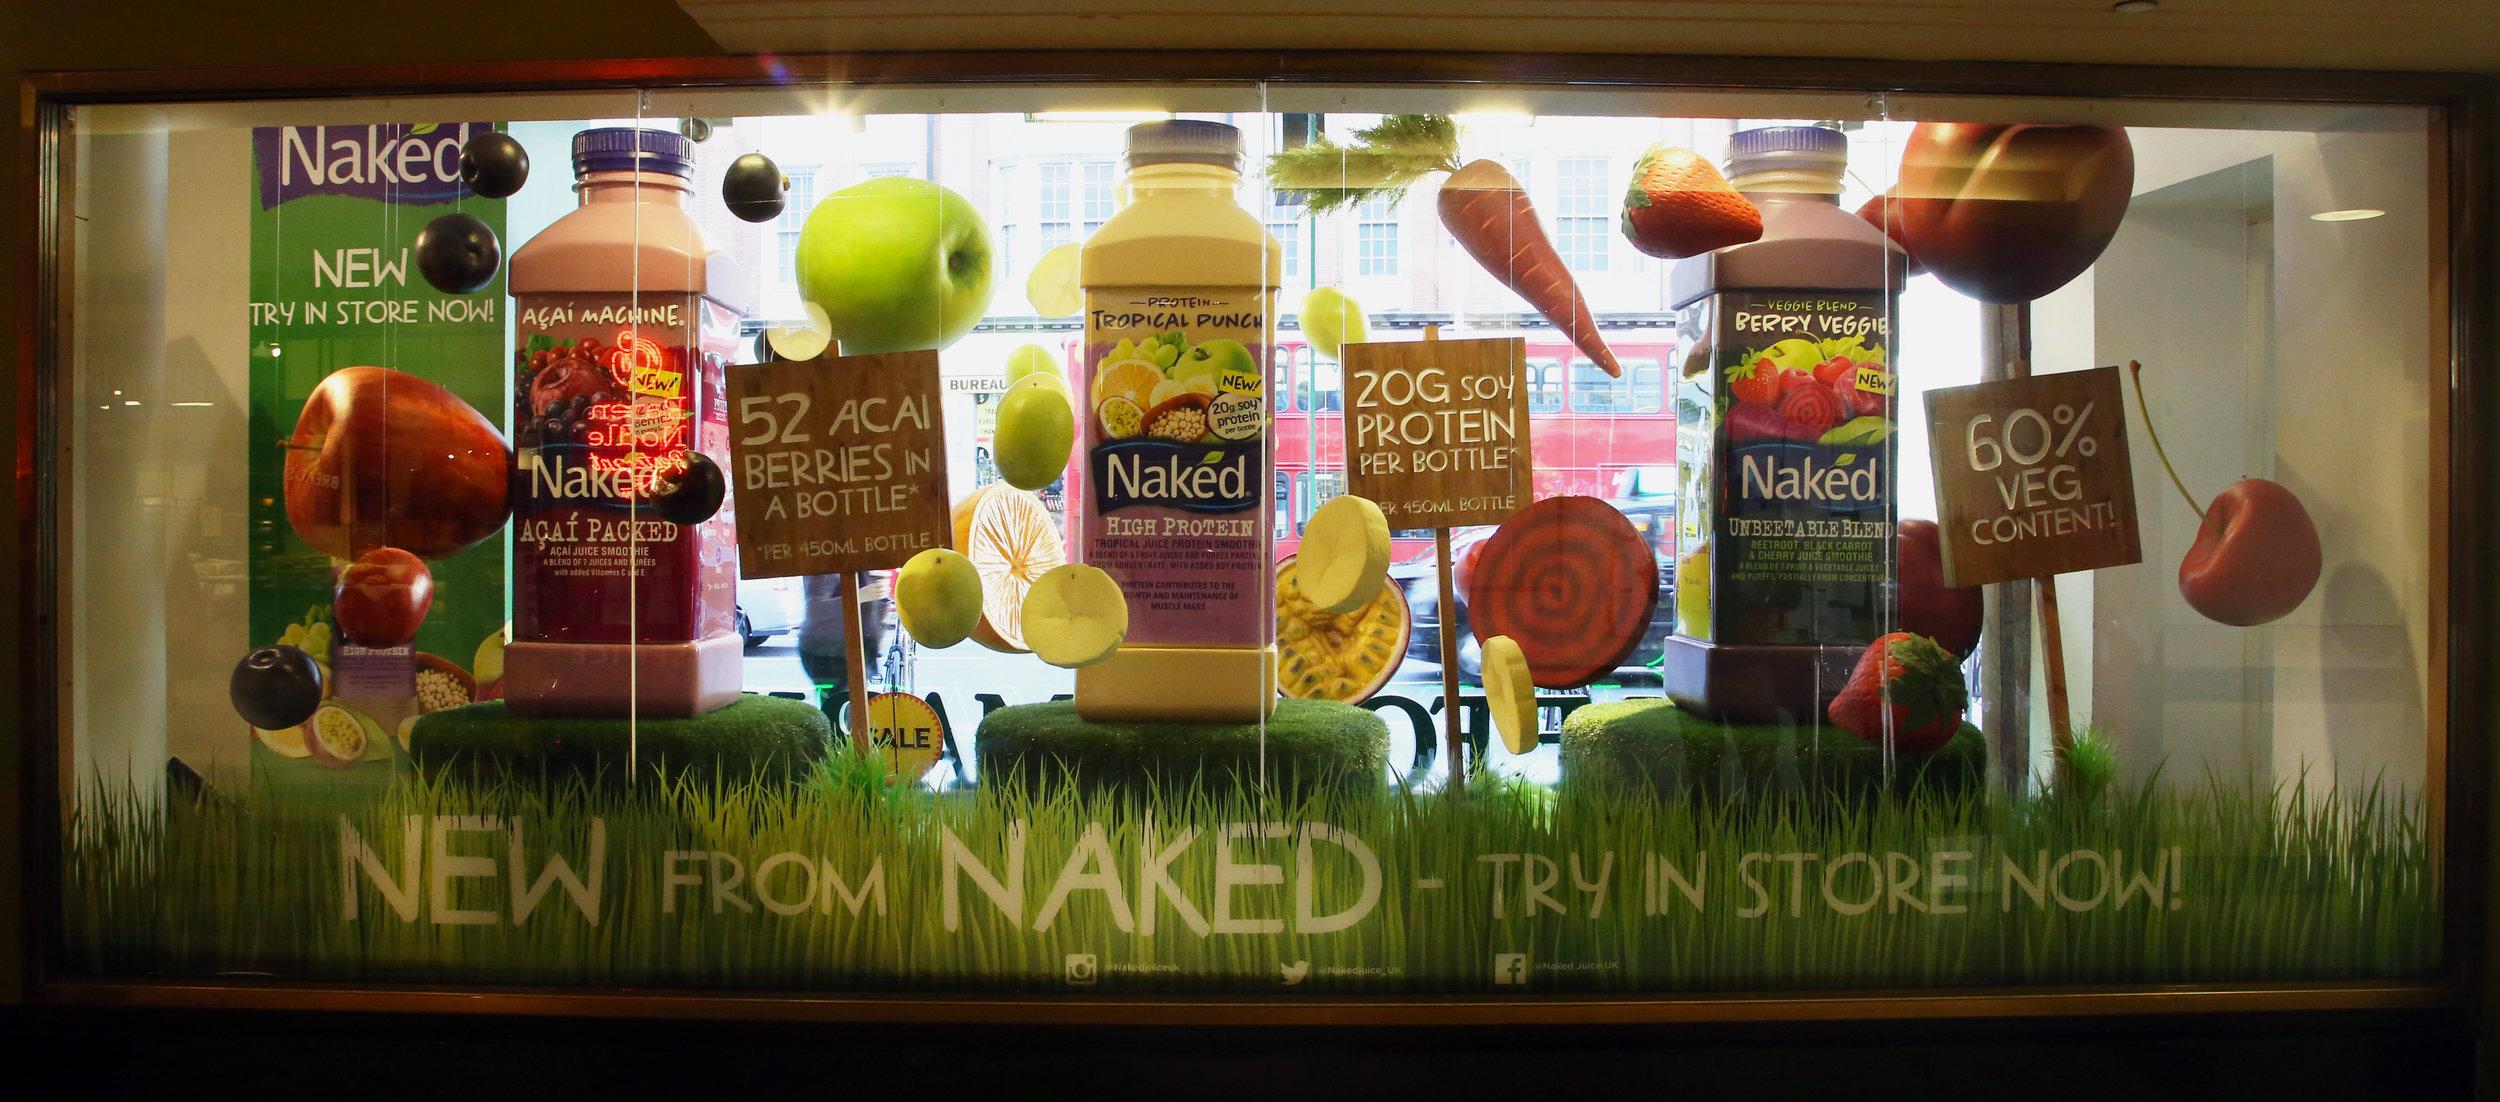 Naked Juice - Whole Foods Market - back window.jpg